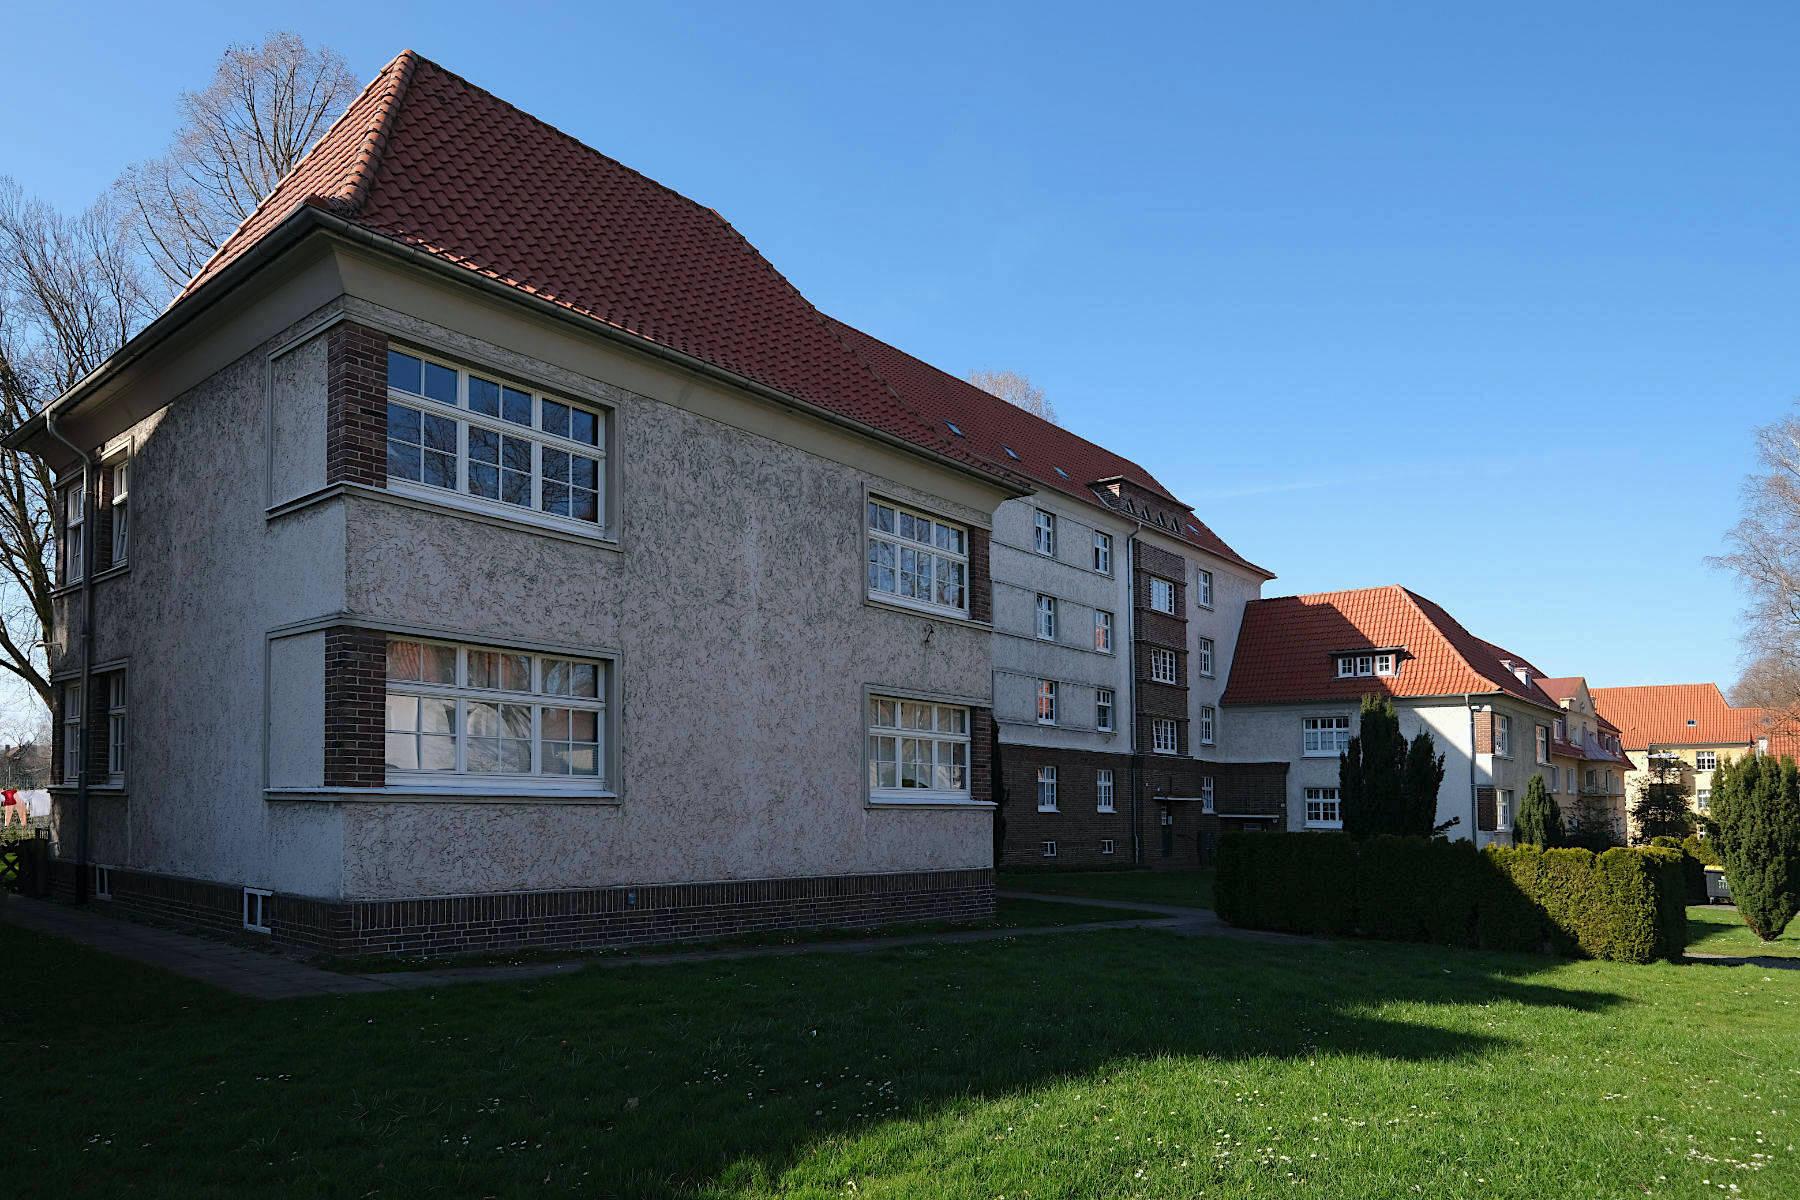 """Siedlung Im Siekerfelde. Das """"Arbeiterschloss"""" An der Krücke Nr. 27 bis 33 ist das auffälligste Bauwerk der Arbeitersiedlung."""